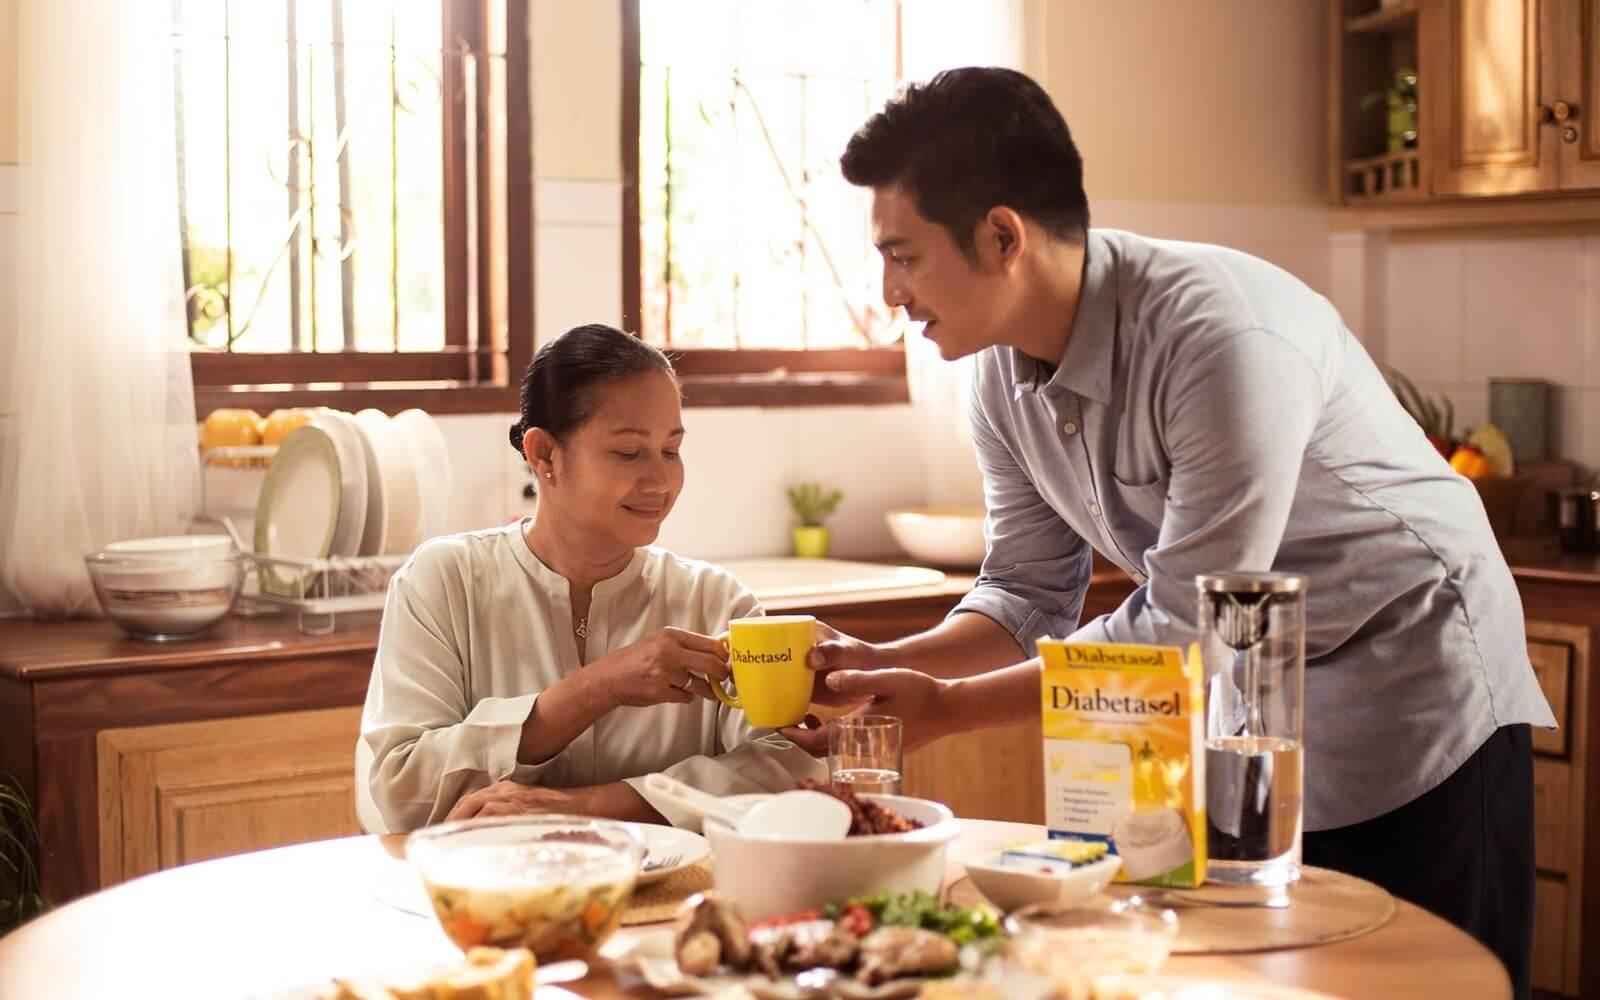 Yuk, Jaga Kesehatan Orang Tua Penderita Diabetes Selama Pandemi!